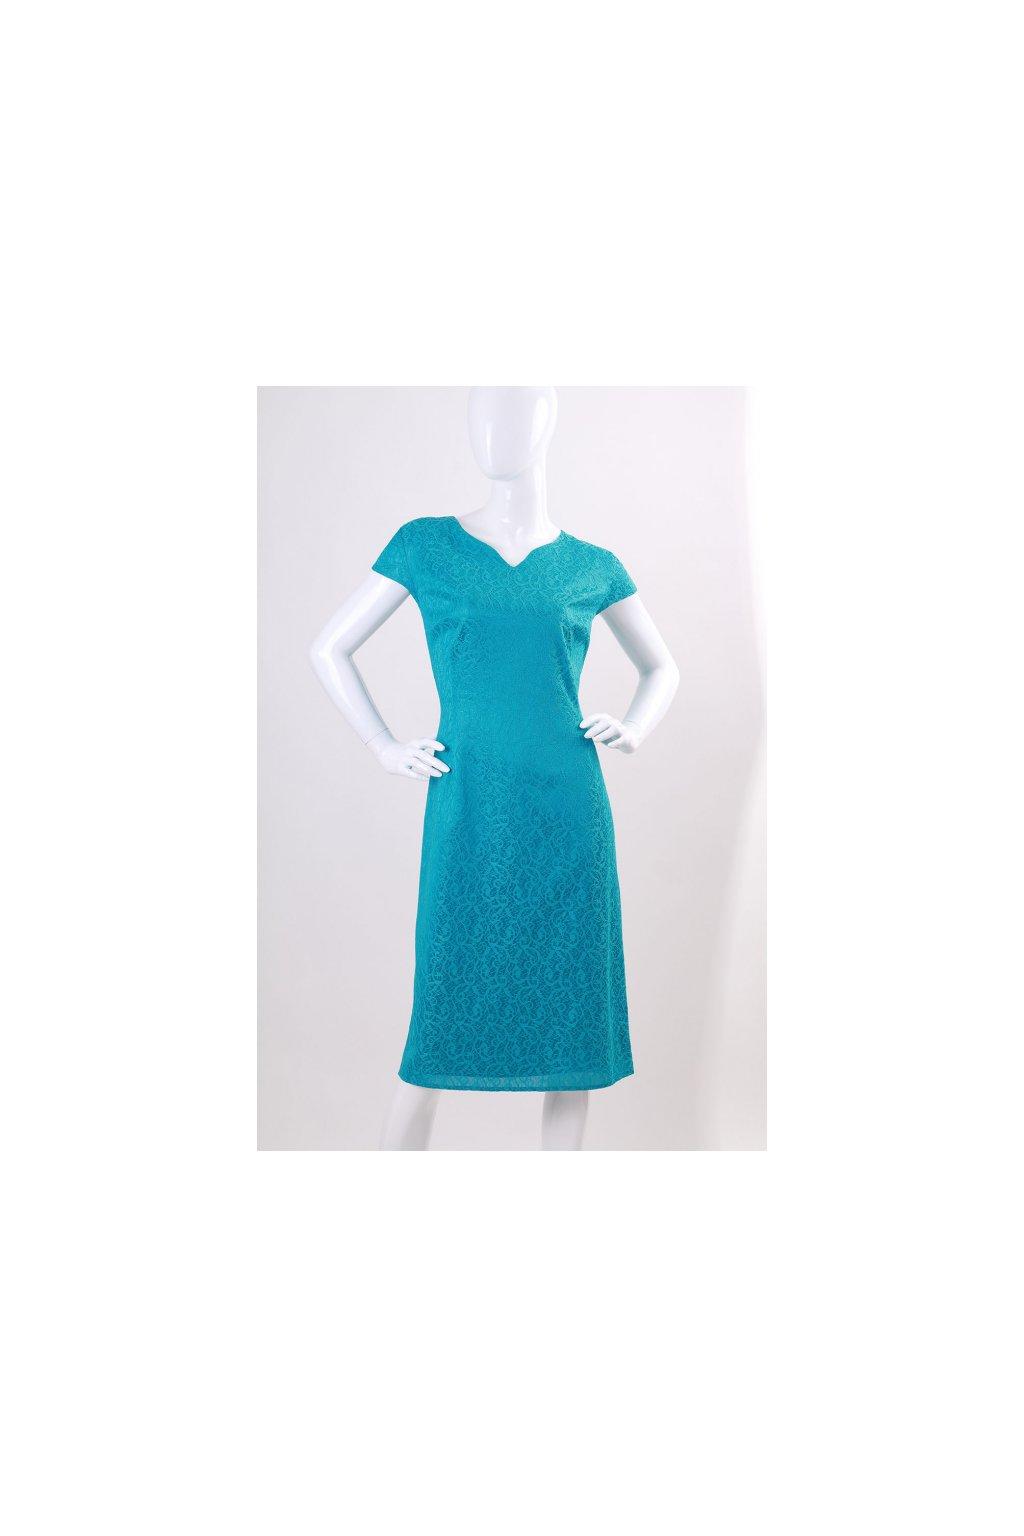 Krásné tyrkysové šaty Turquoise 2